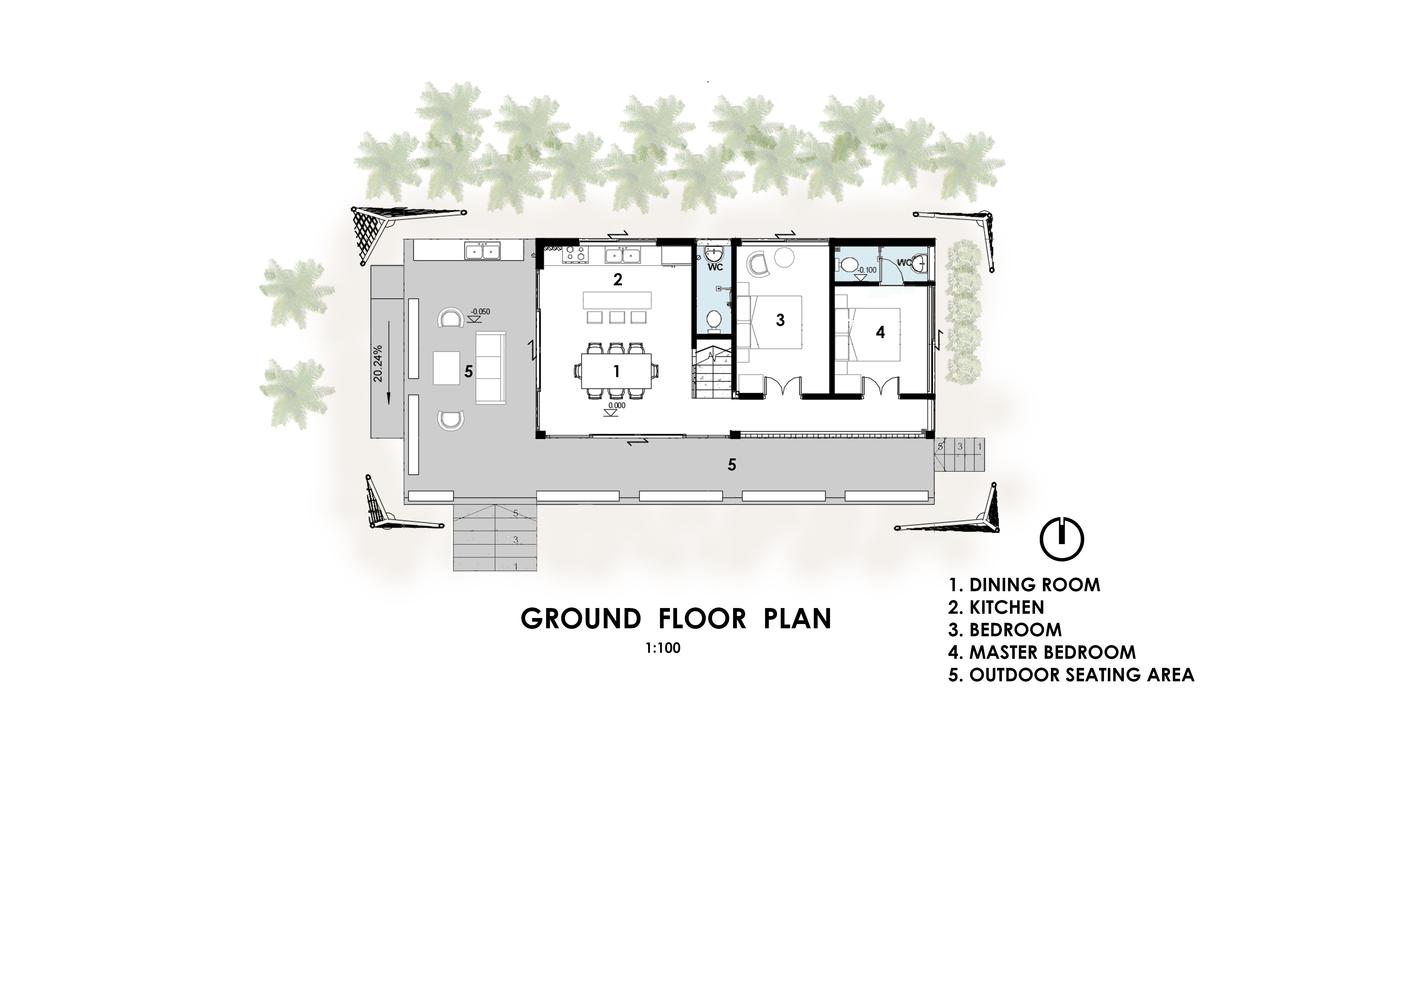 - floor plan 1571456874 - Ngôi nhà 350 triệu đồng ở Đà Nẵng lên báo Mỹ